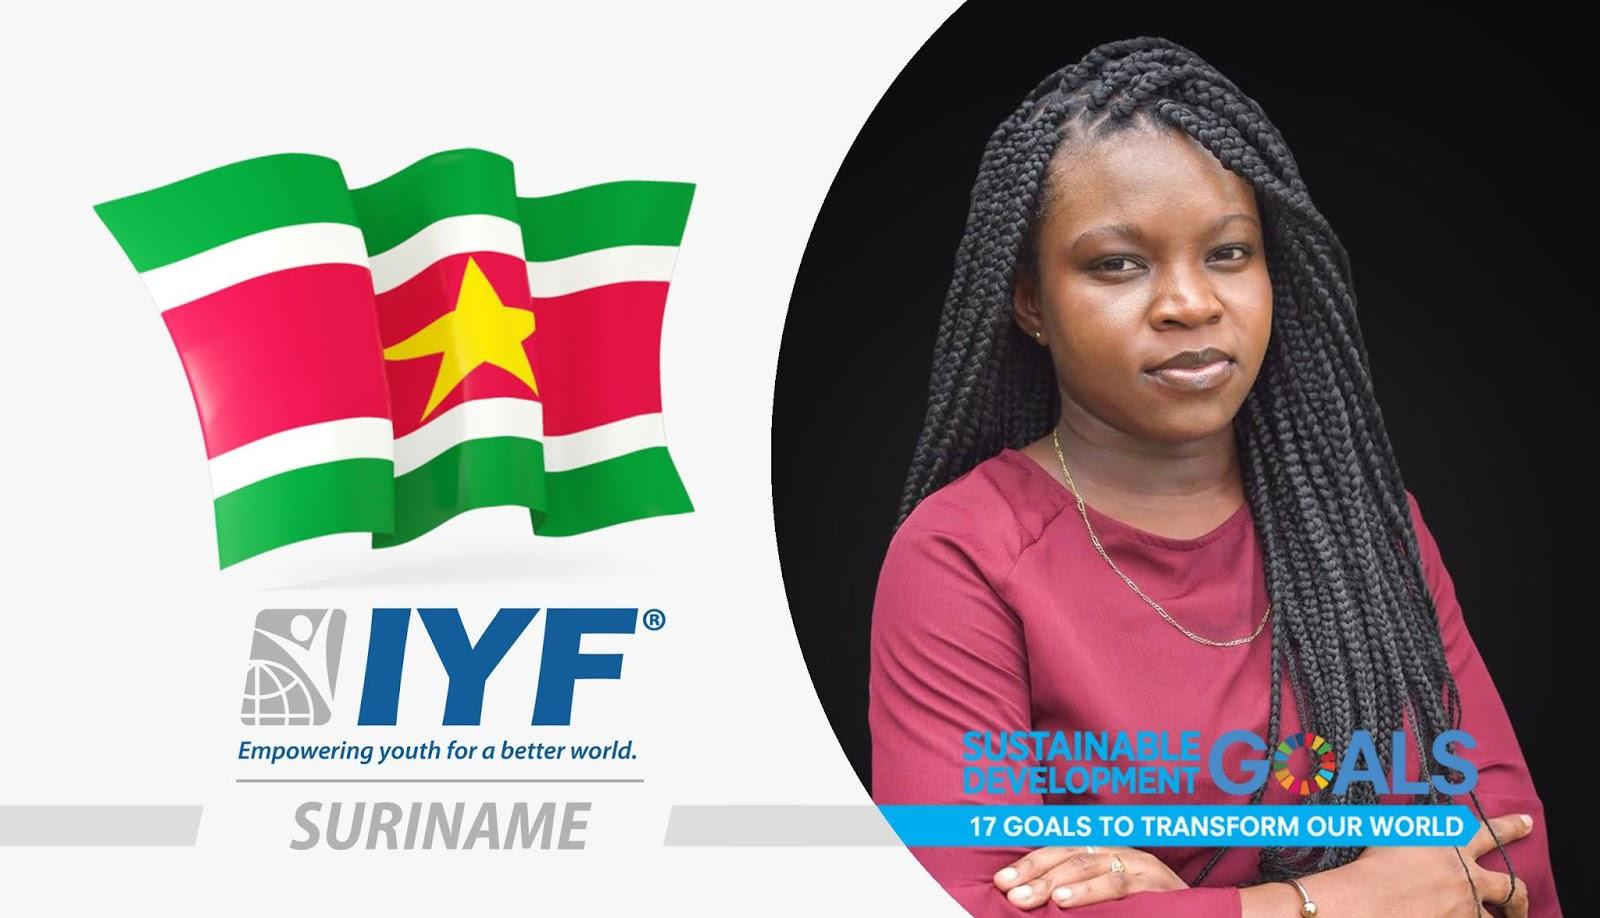 Zaviska Lamsberg, IYF Representative in Suriname